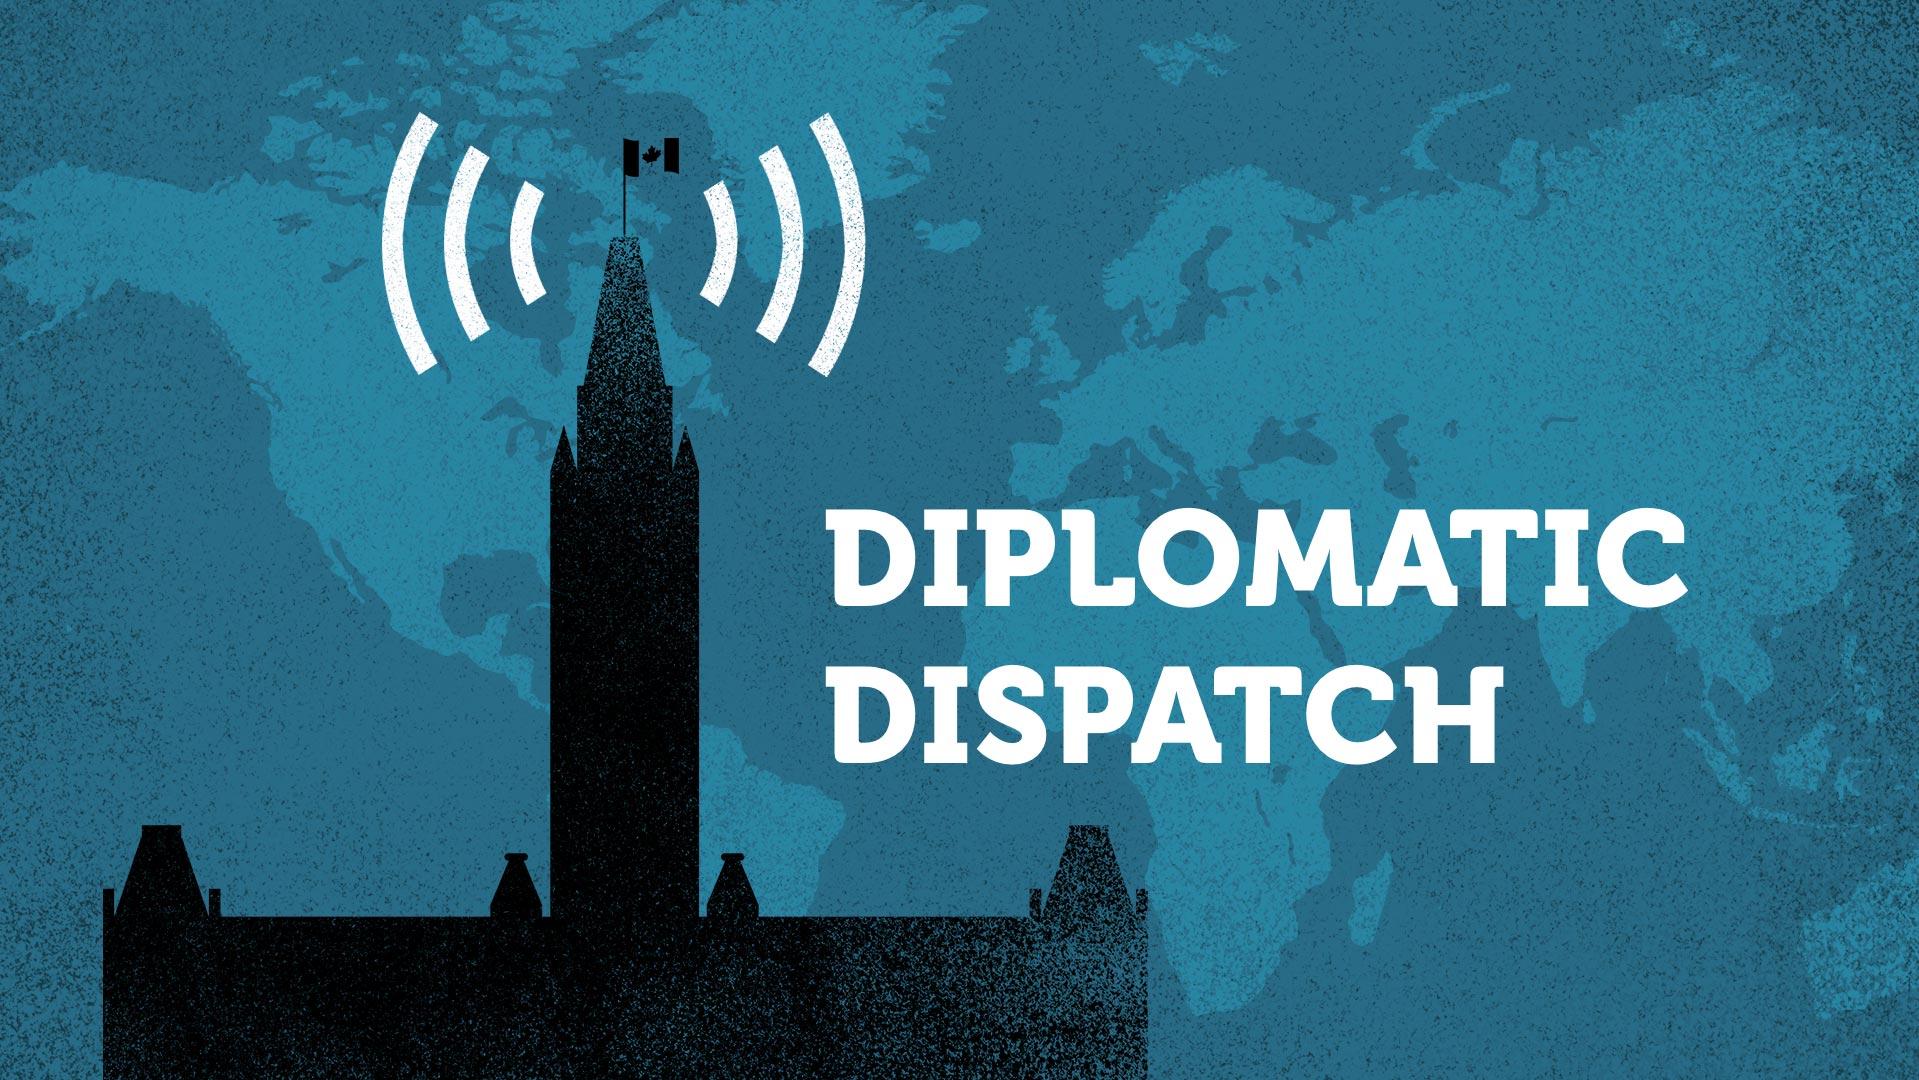 """النص """"إرسال دبلوماسي"""" باللون الأبيض يرافقه البرلمان الكندي في صورة ظلية مع خلفية خريطة كندا بظلالين من اللون الأزرق"""